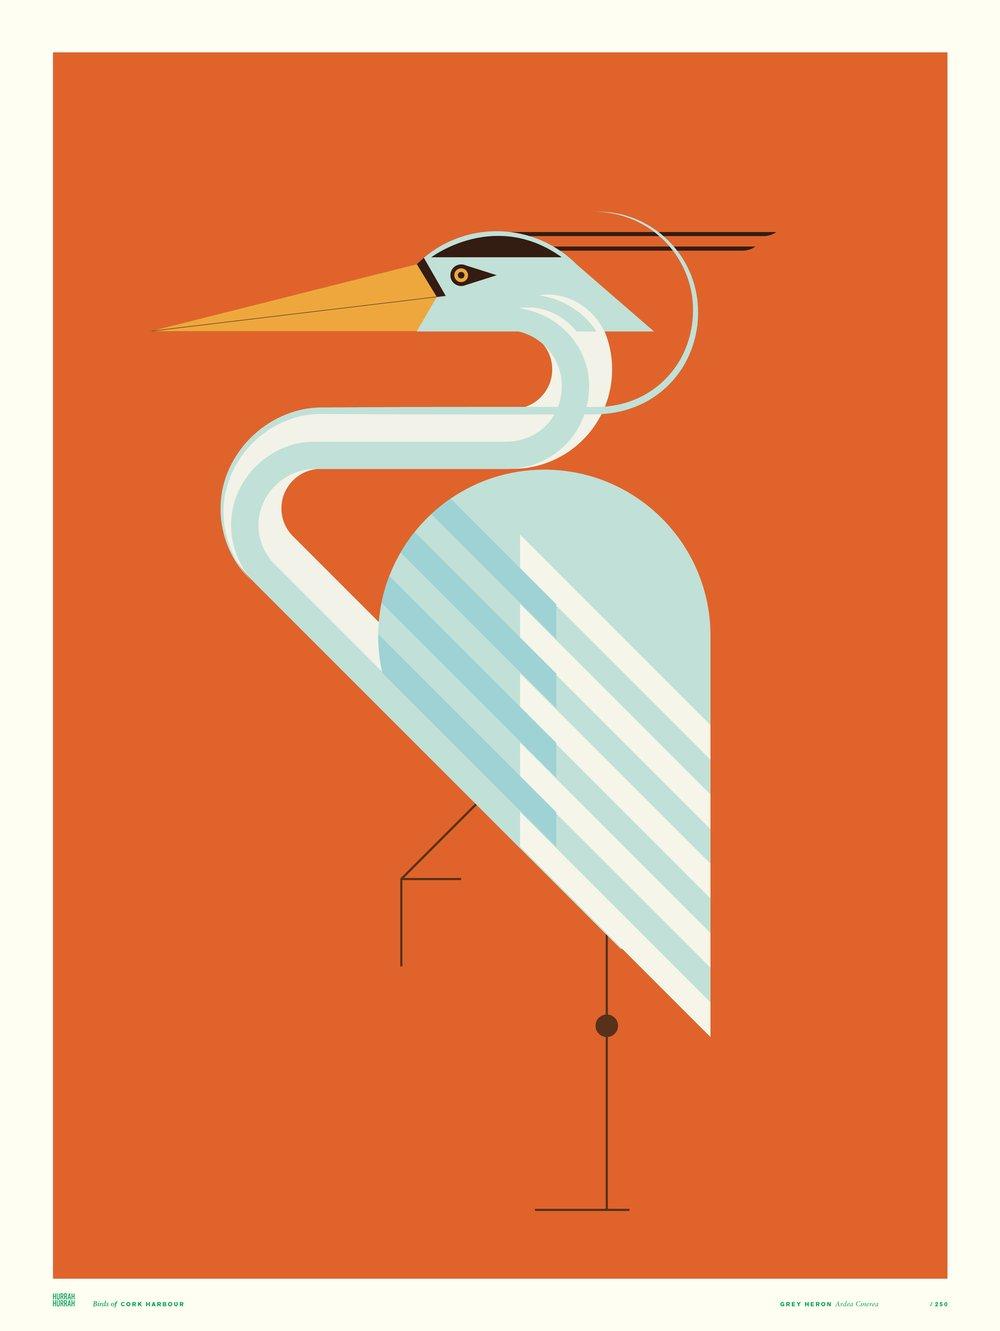 Image of Grey Heron / Cork Harbour Bird Series